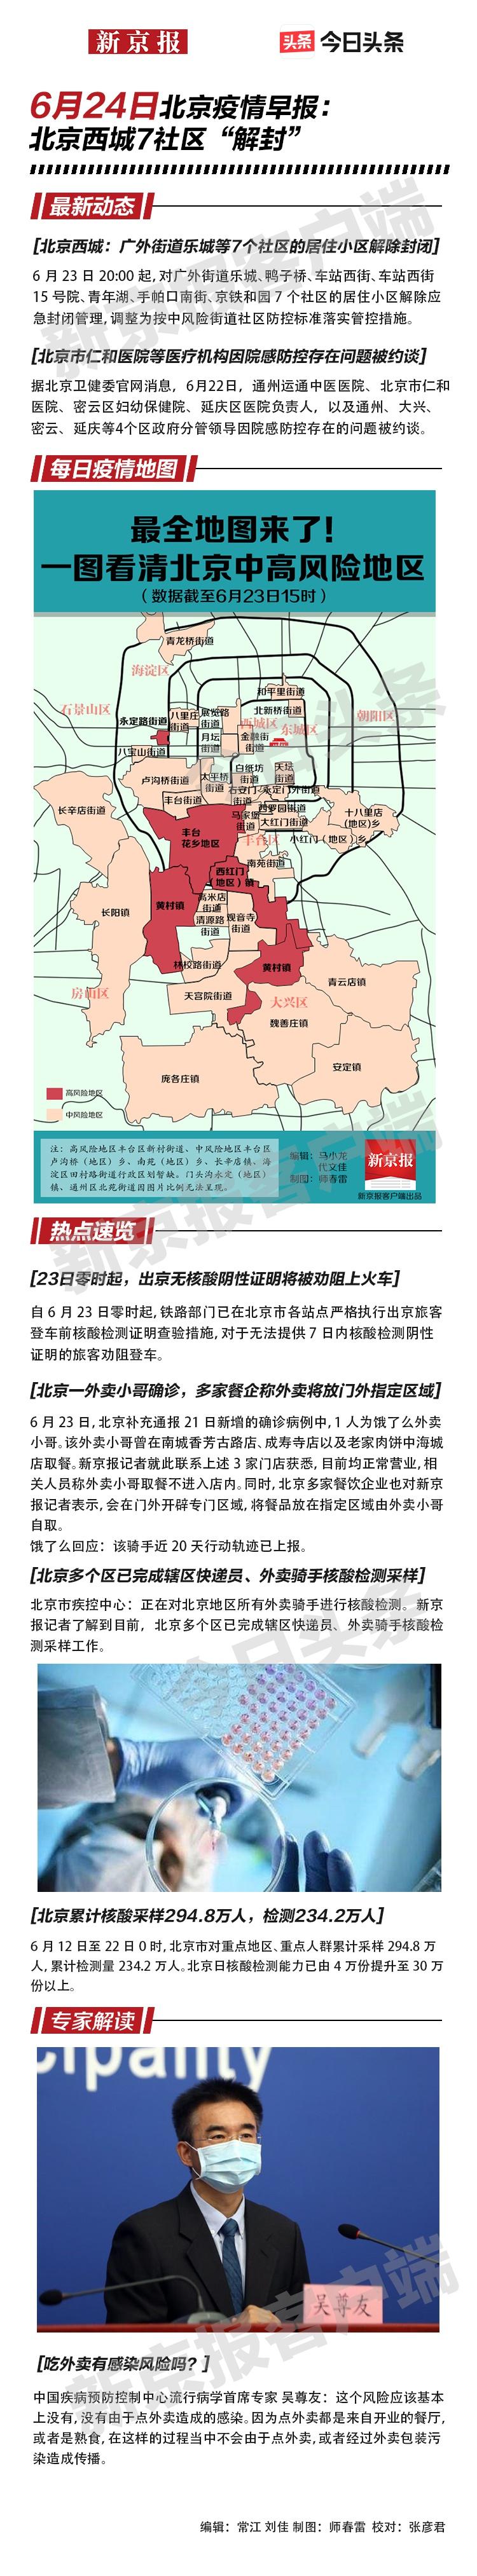 【摩天登录】6月24摩天登录日北京疫情早报图片